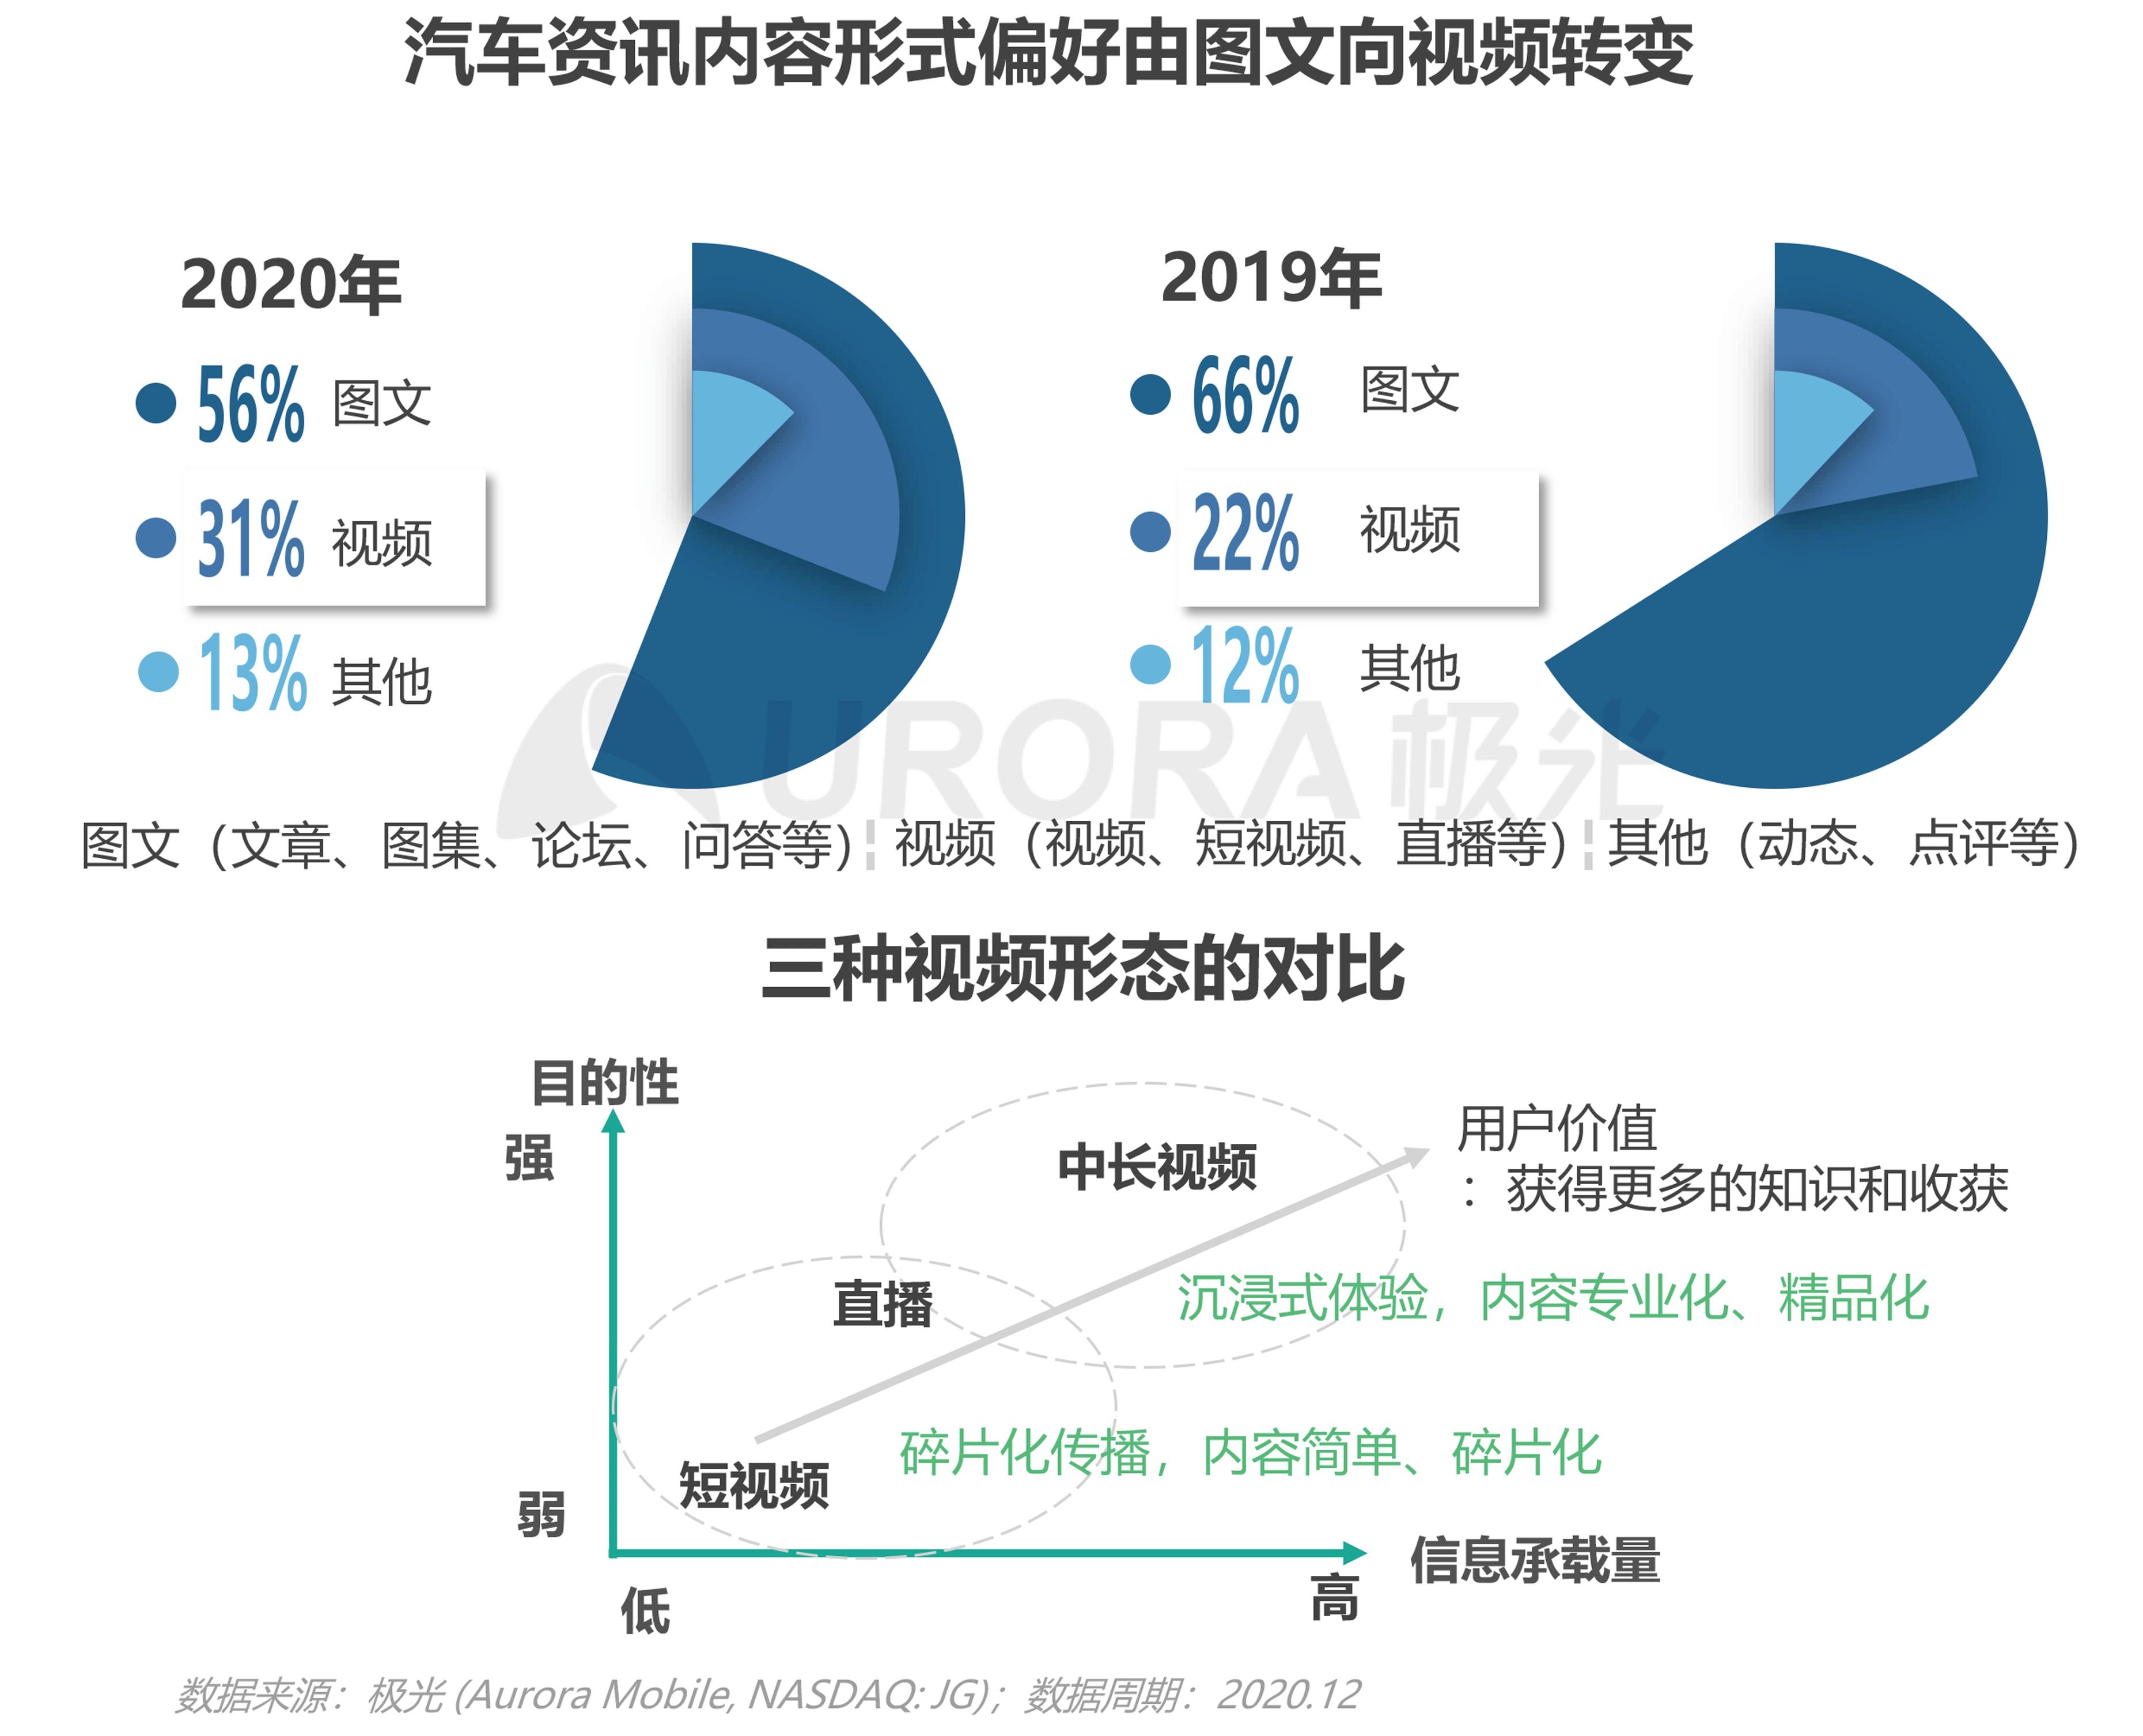 极光:汽车资讯行业洞察 (14).png